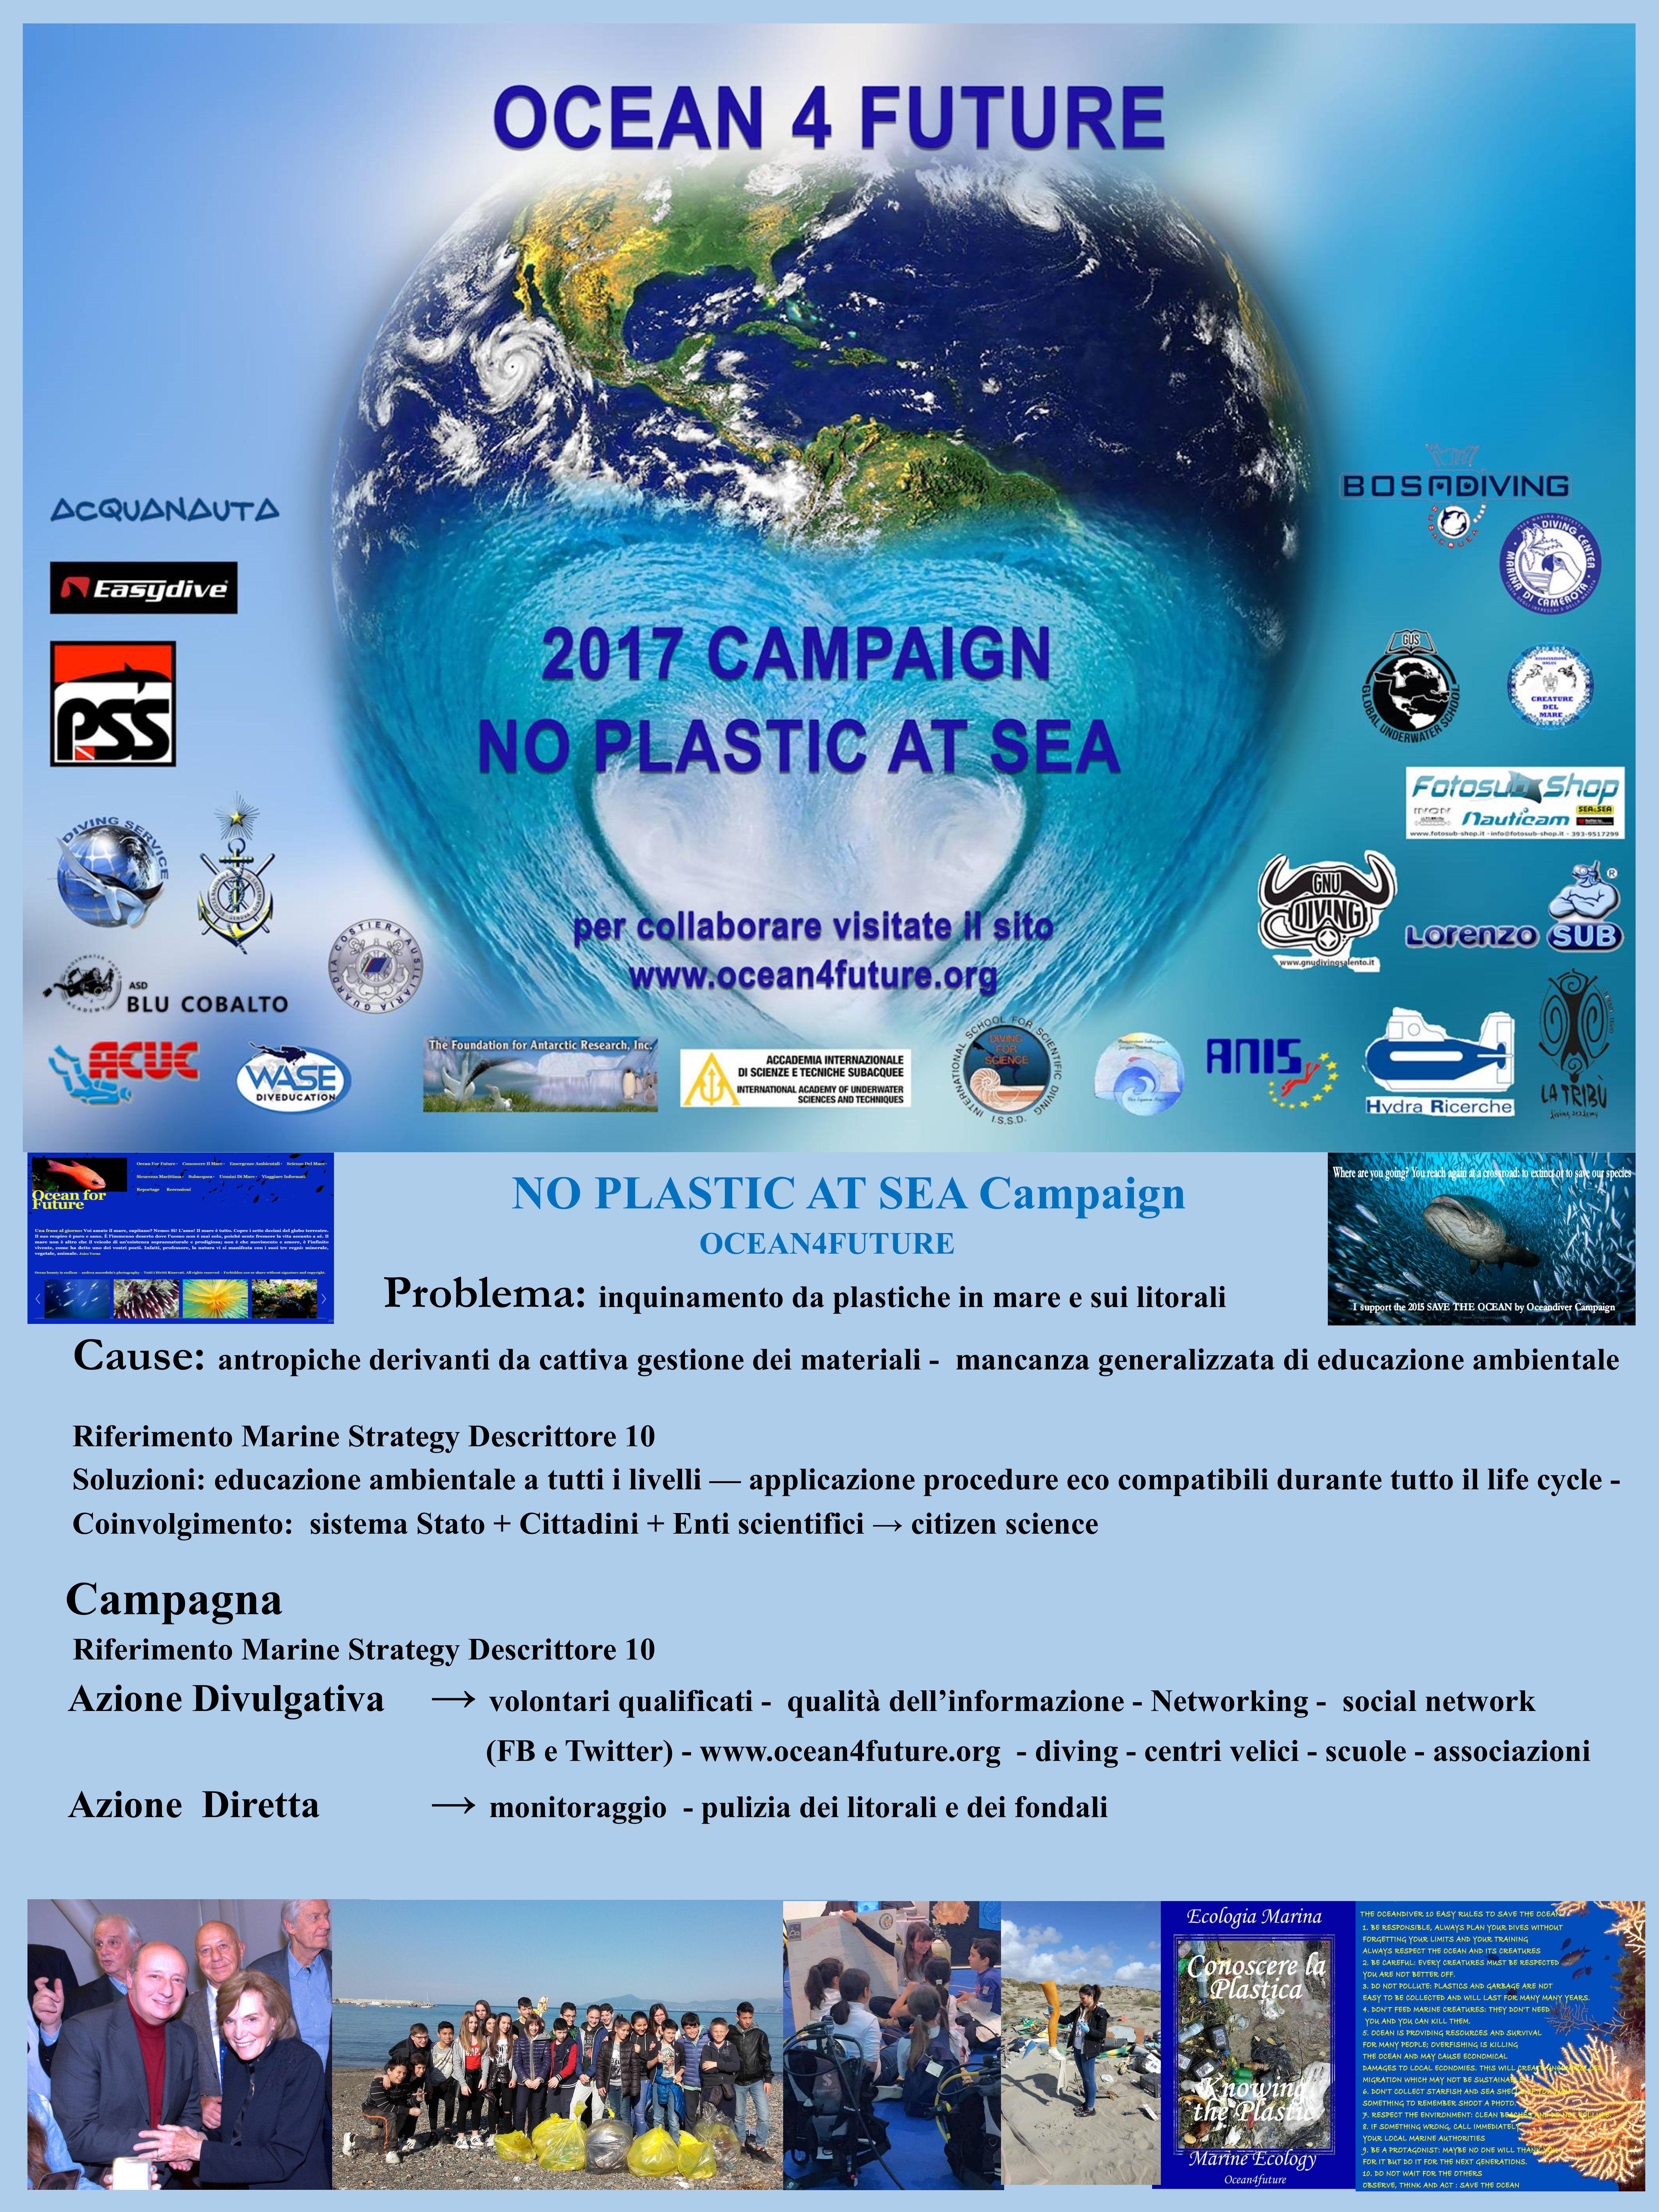 Educare per assicurare un futuro alle nuove generazioni – campagna NO PLASTIC AT SEA di OCEAN4FUTURE per la lotta alle plastiche in mare